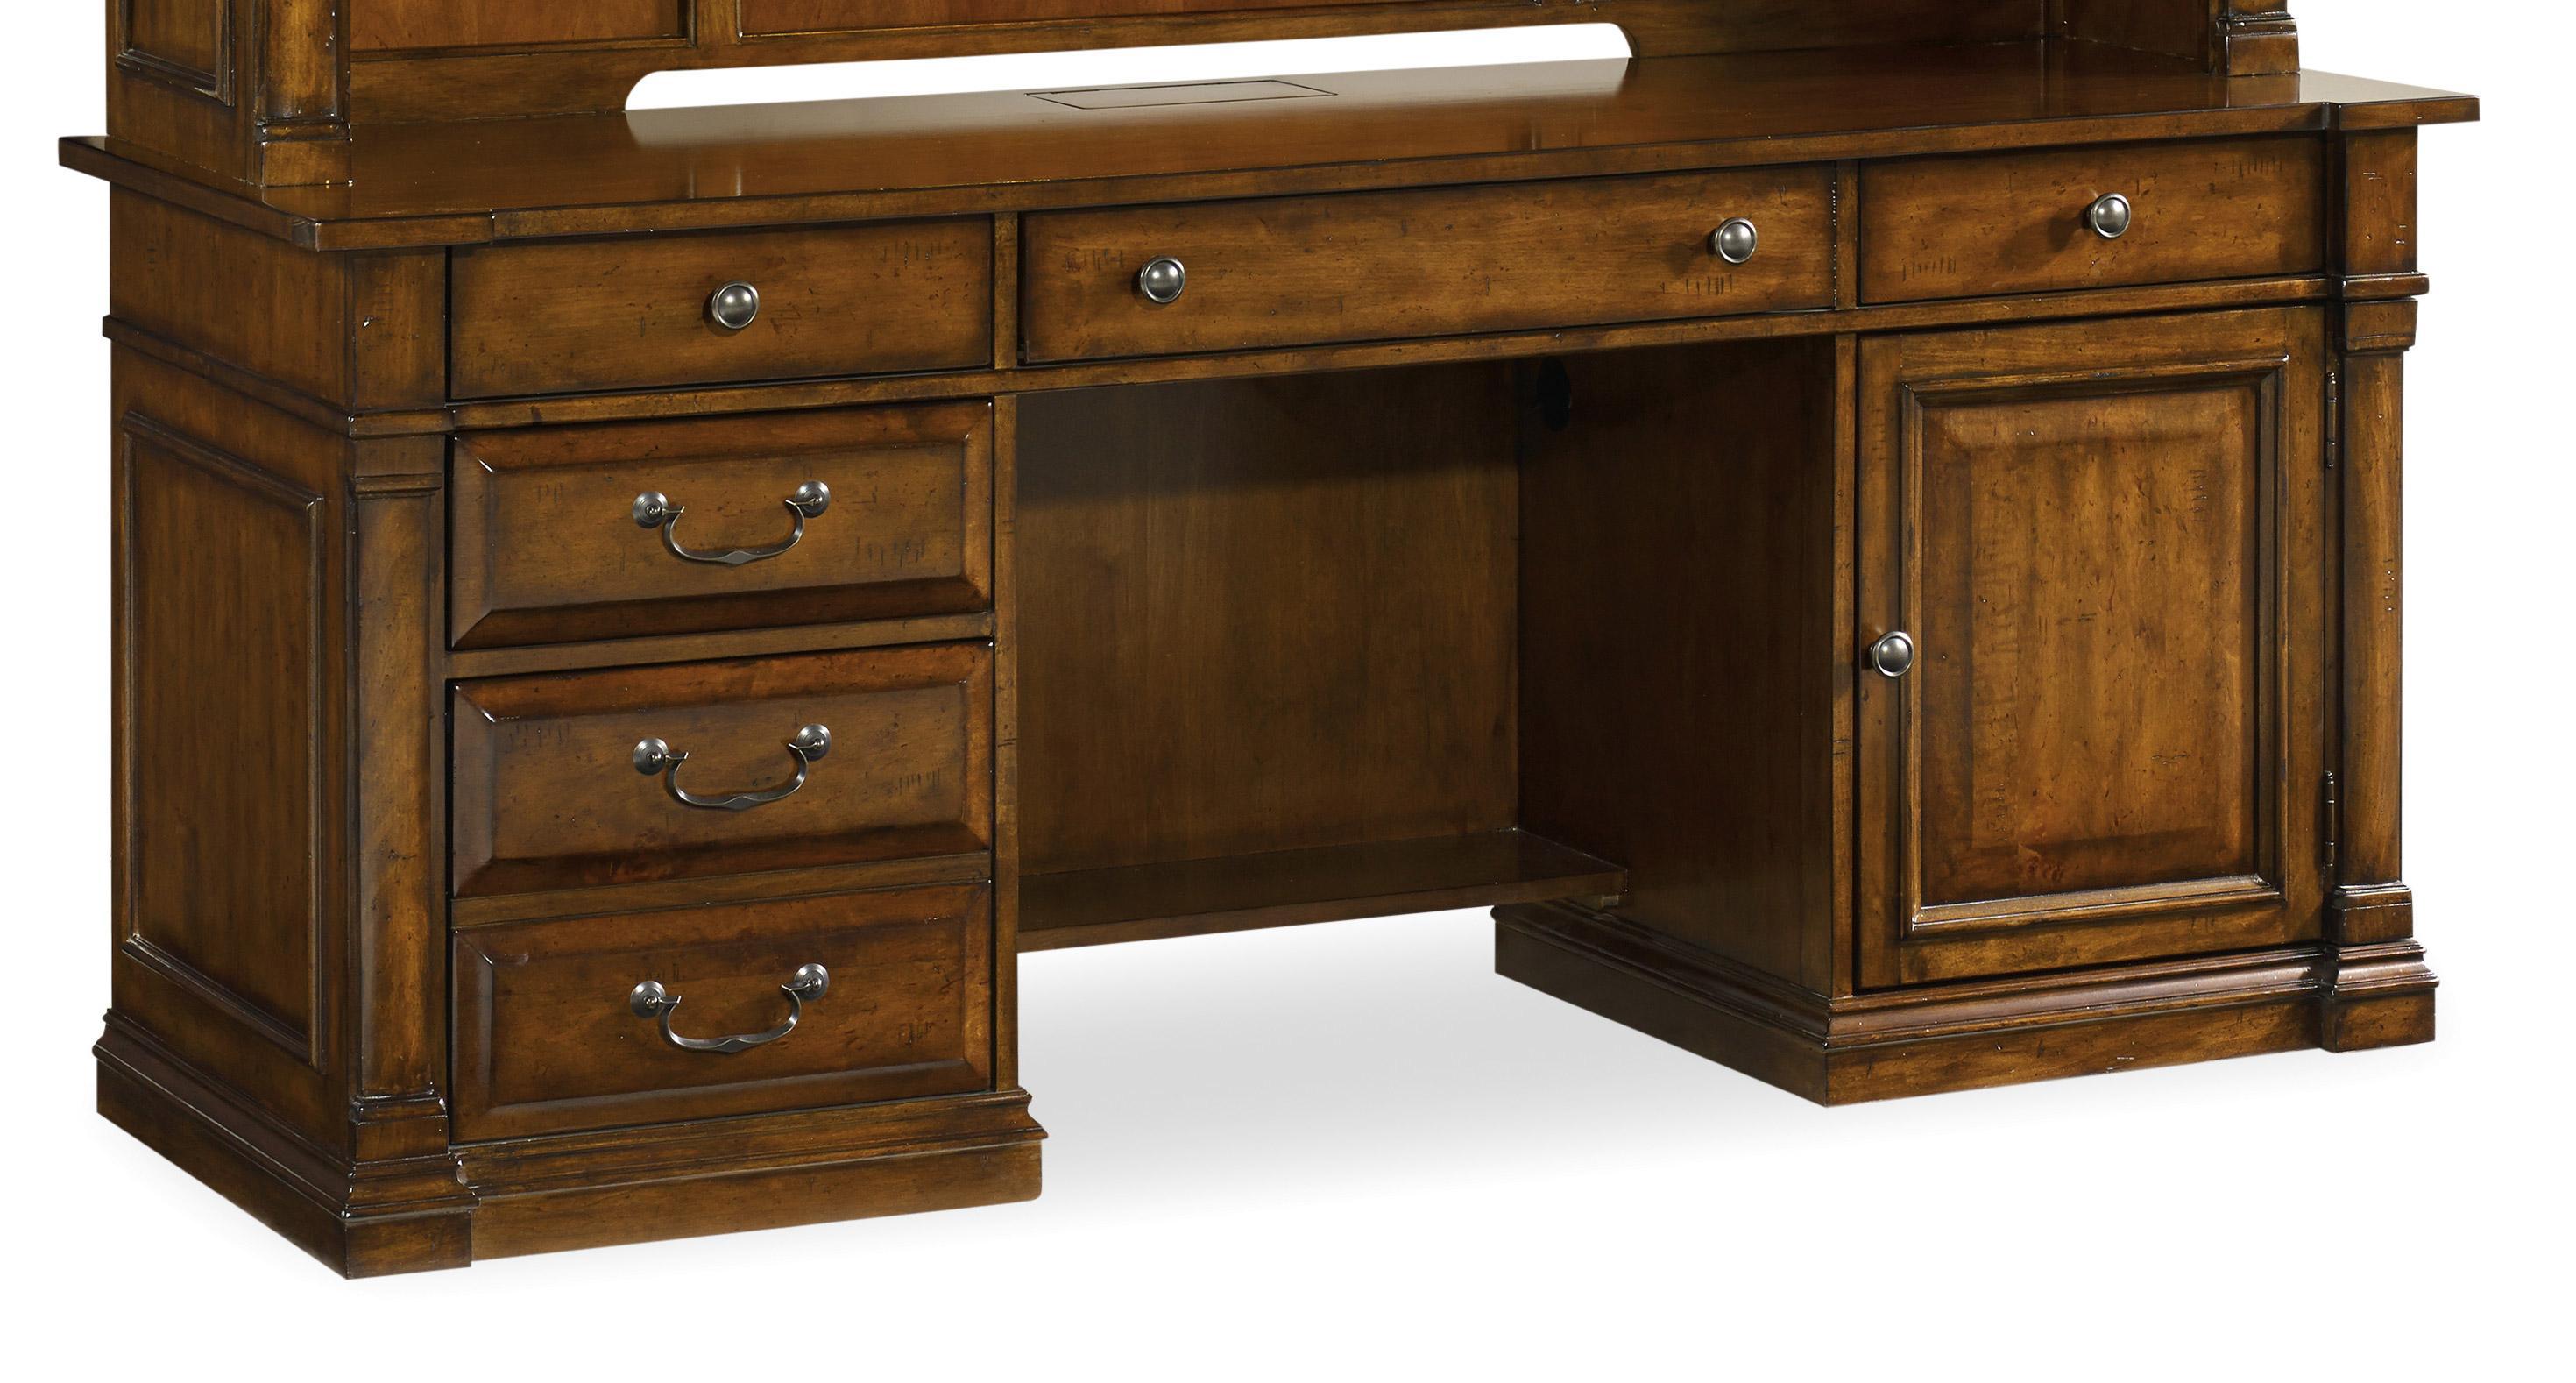 Hooker Furniture Tynecastle Computer Credenza - Item Number: 5323-10464